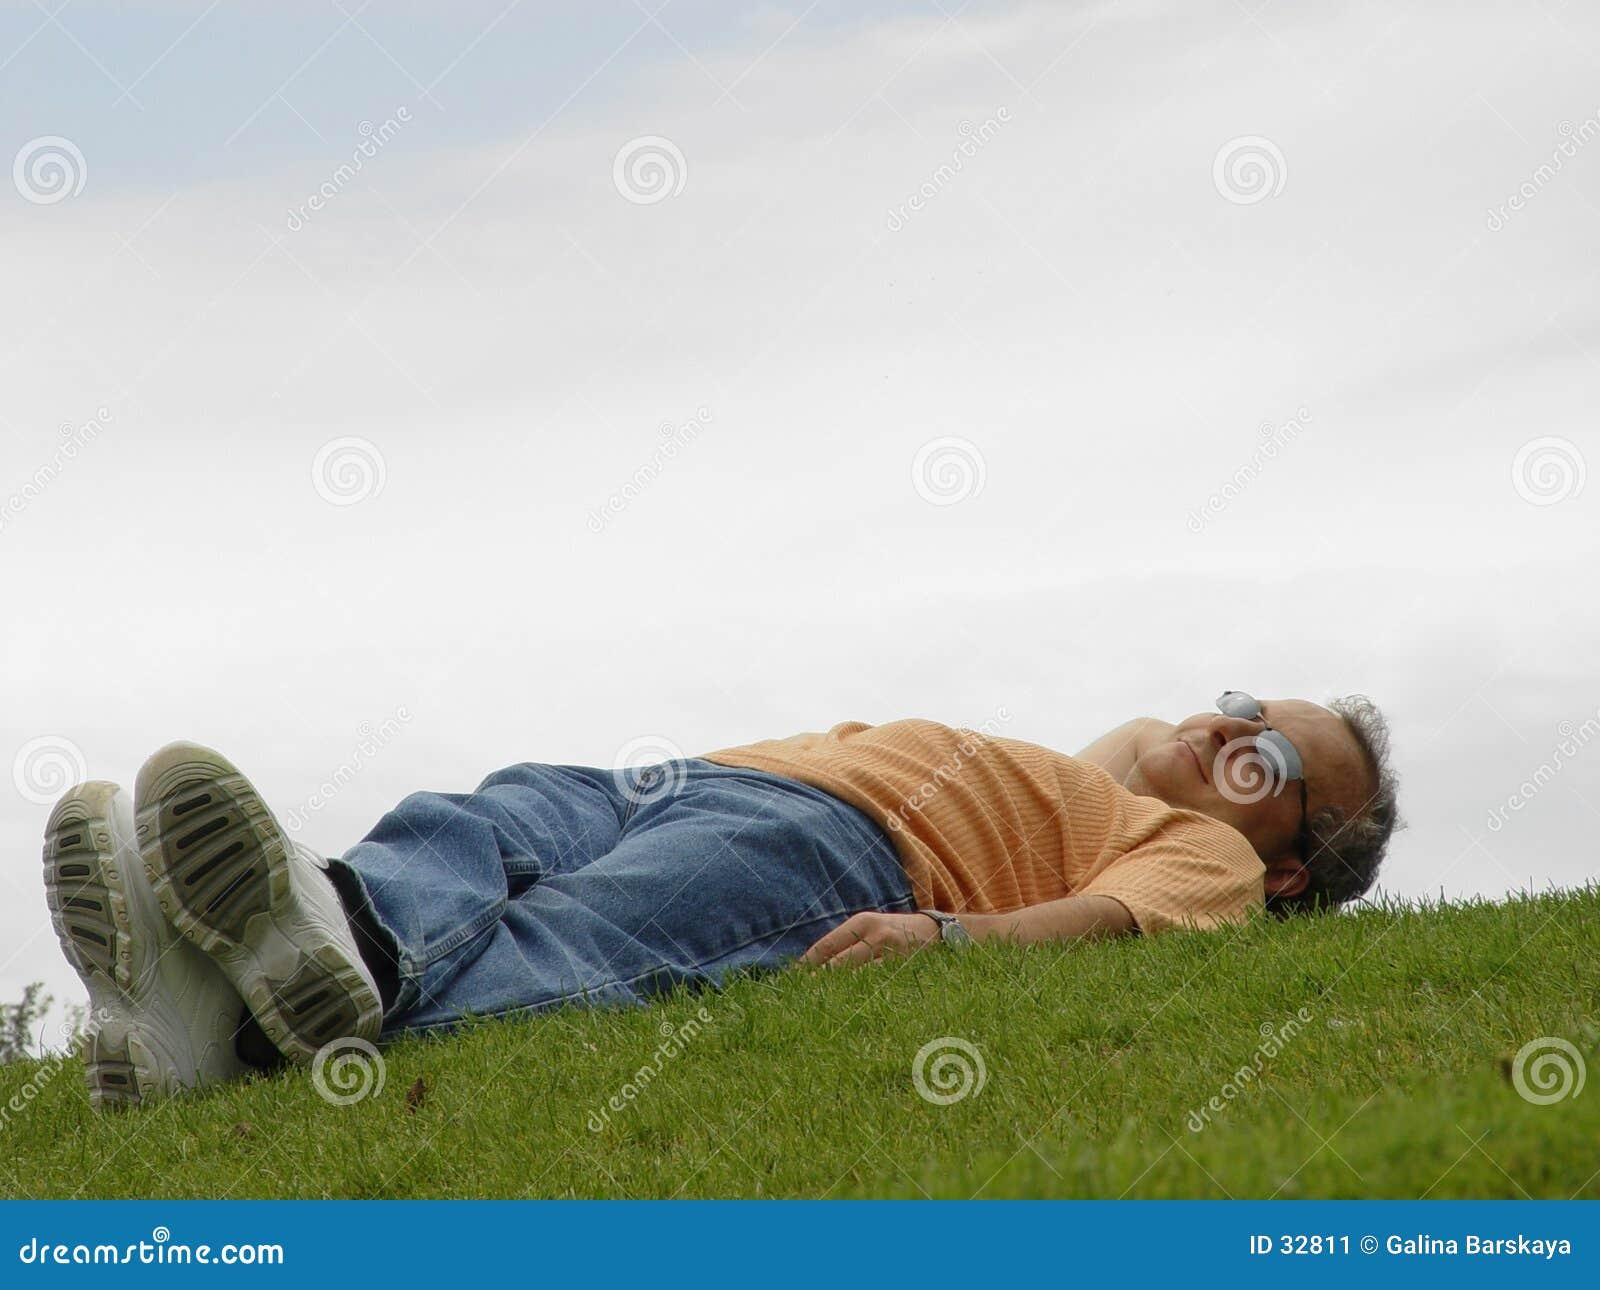 Download Un Hombre Que Miente En La Hierba Imagen de archivo - Imagen de gente, sunglasses: 32811